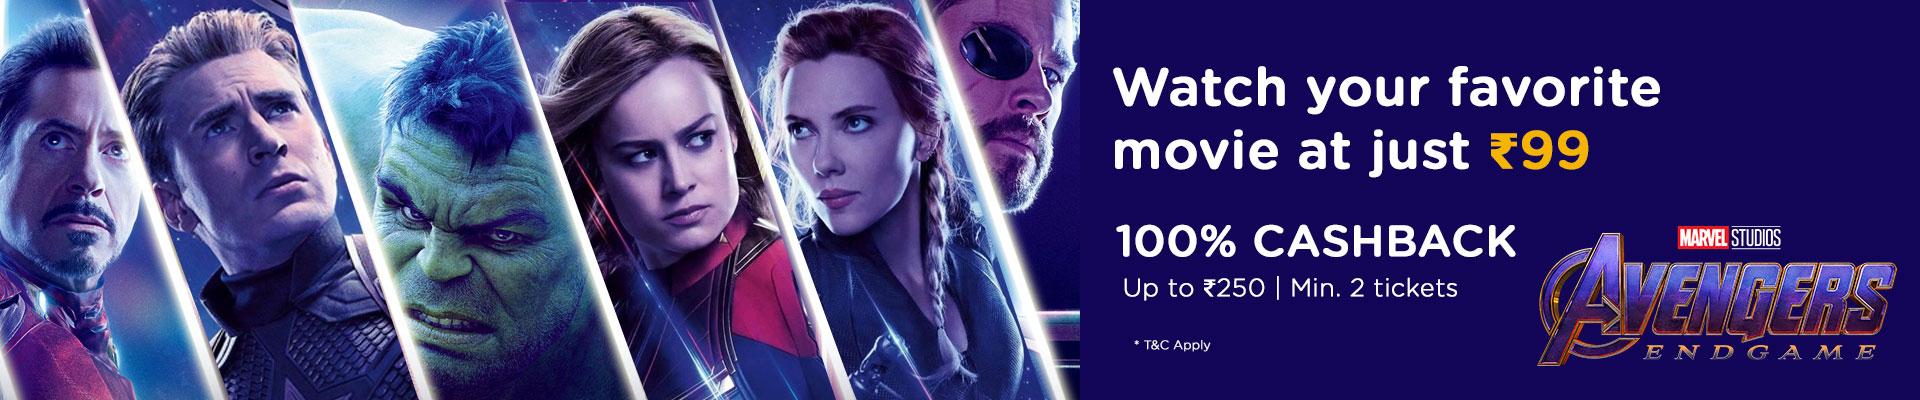 Avengers movie banner